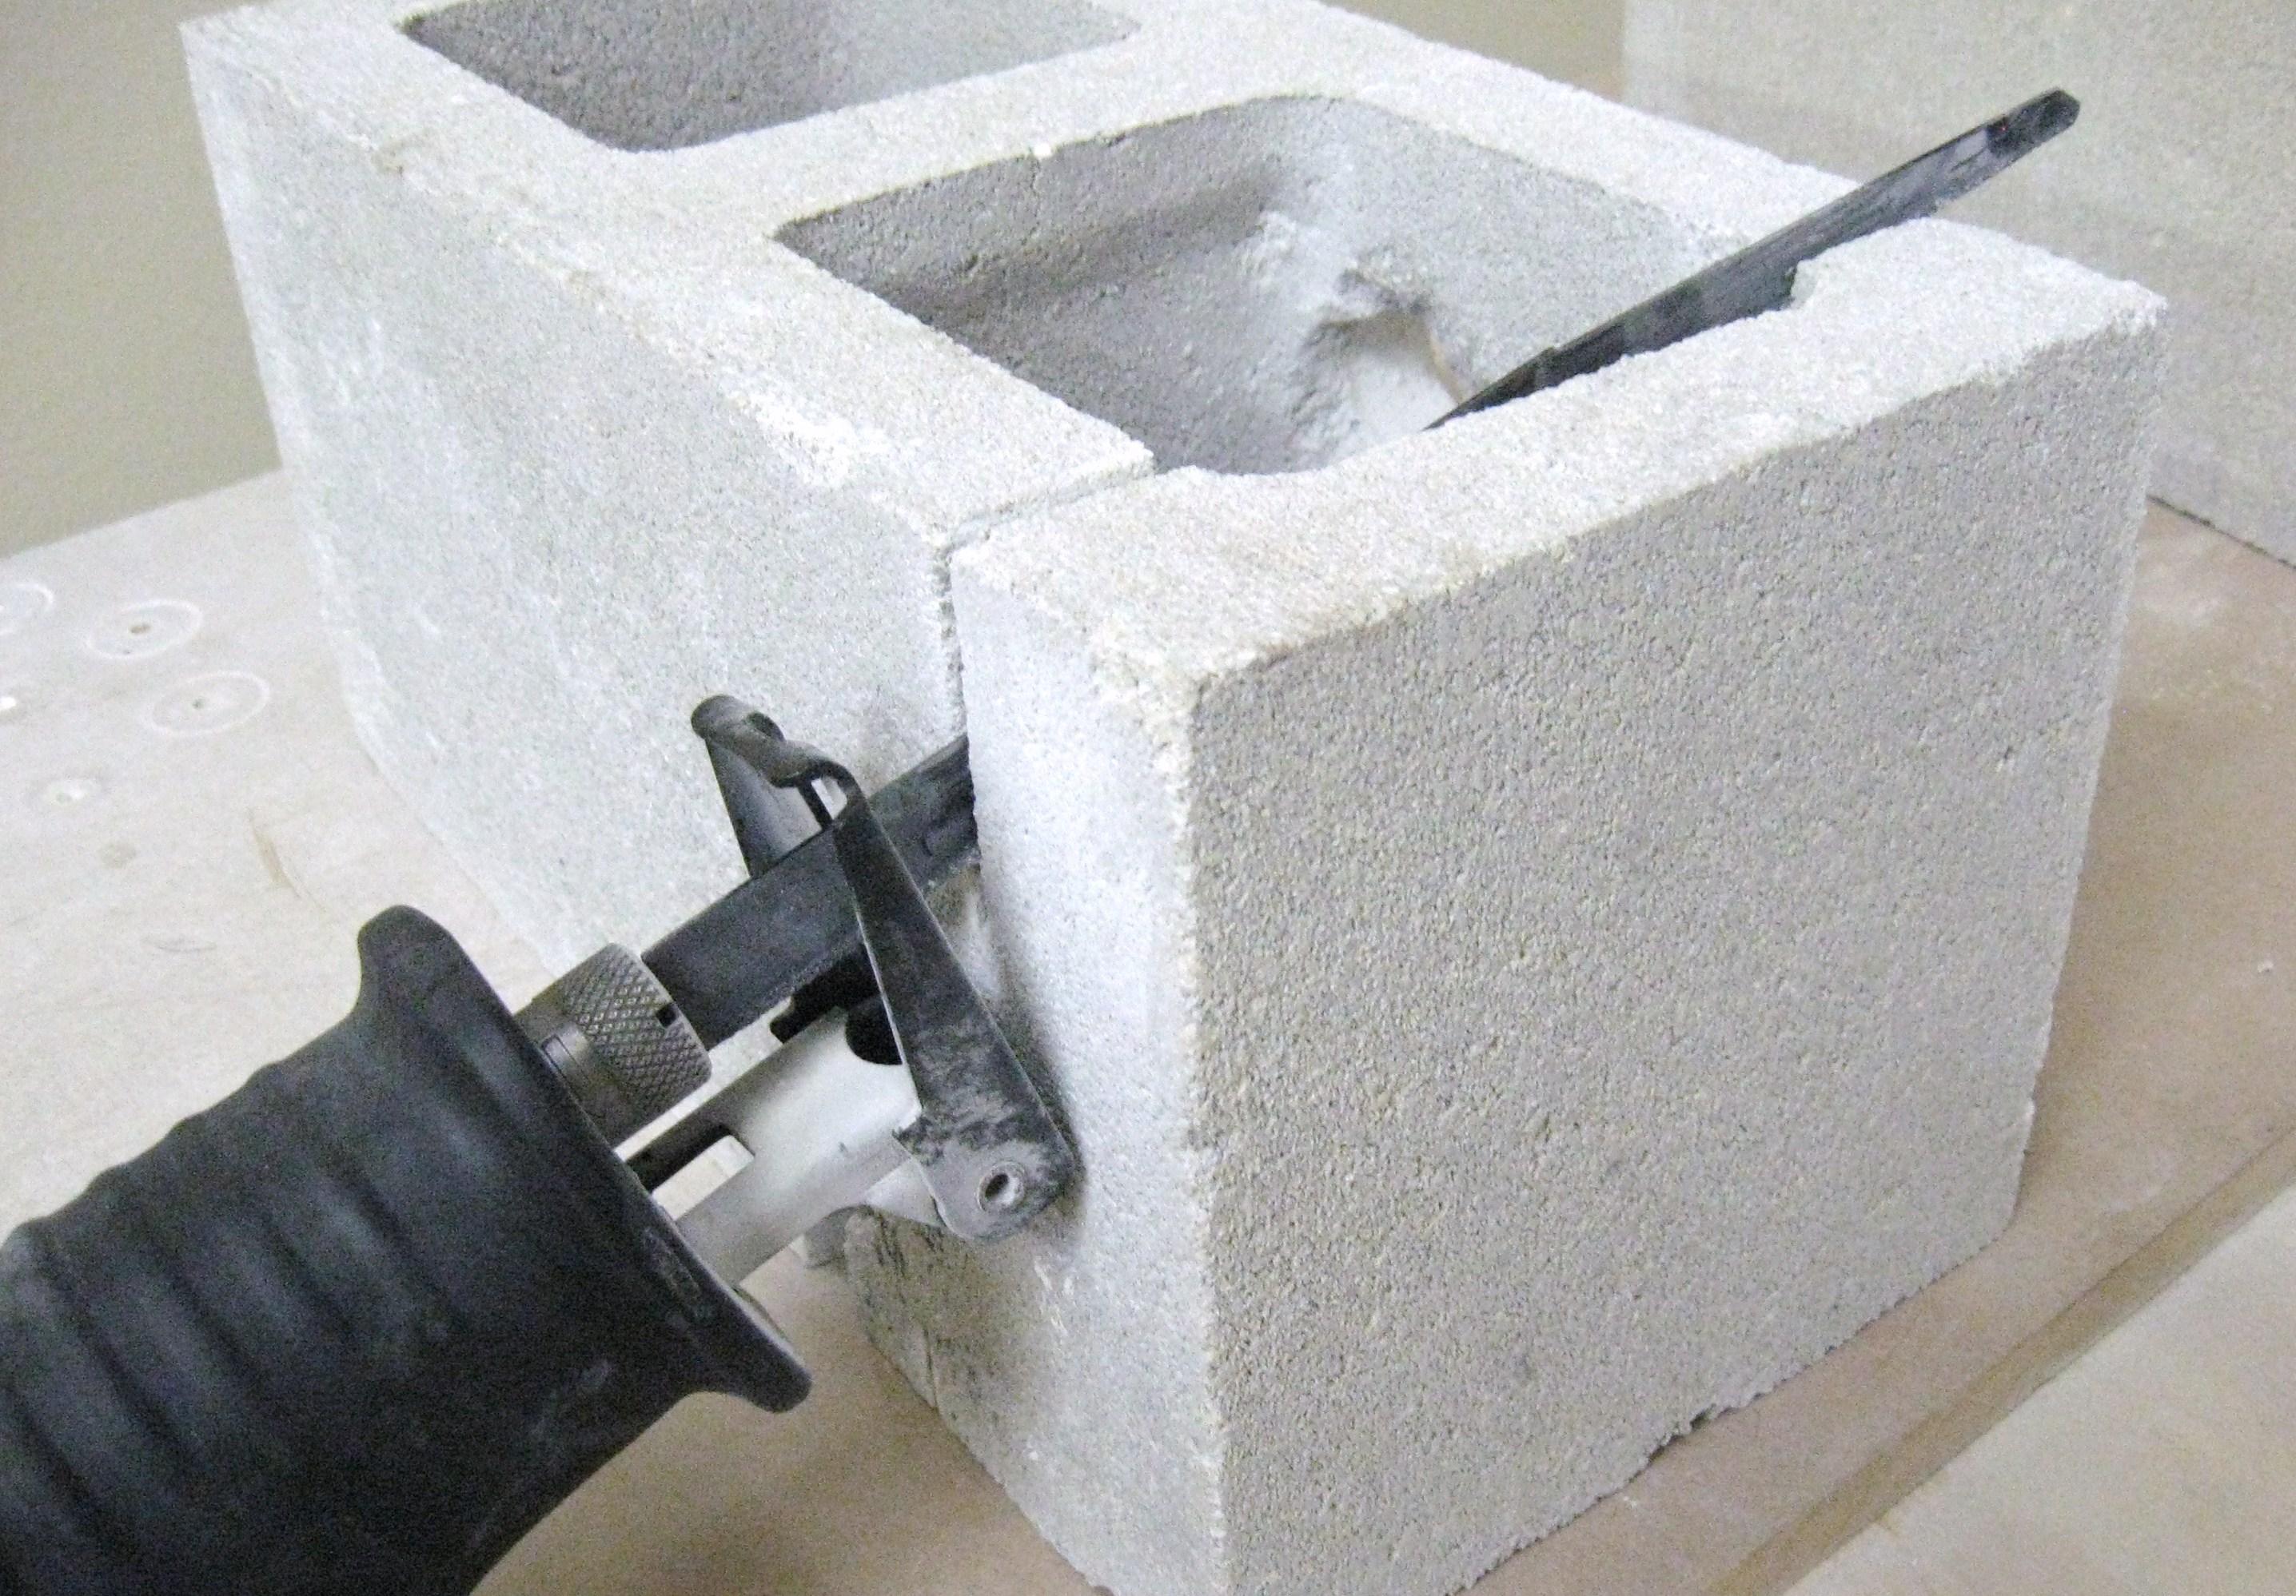 Tungsten Carbide Grit Edge Hole Saw Kit 13pc Concrete Tile